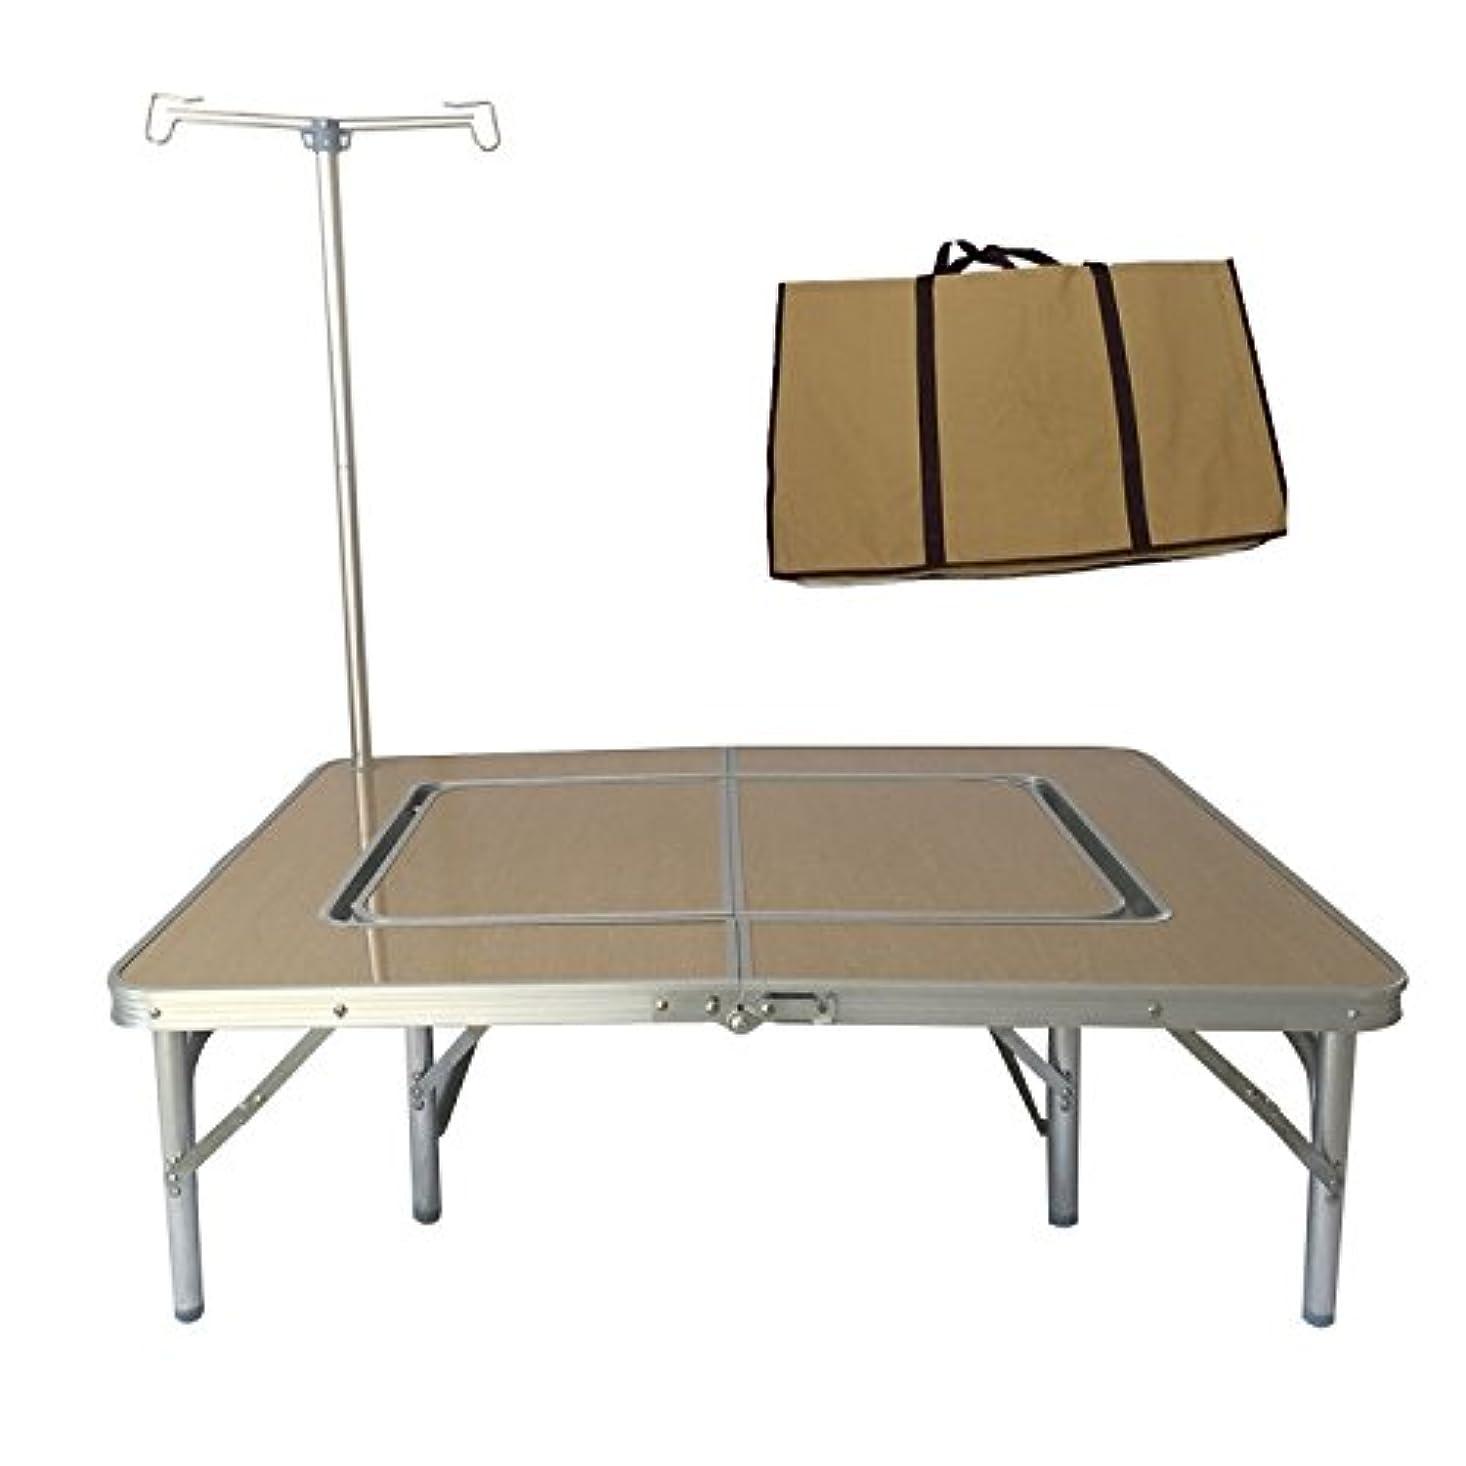 試みる倒産女将アウトドアローテーブル 2Wayテーブル ベージュ 収納袋付き ランタンスタンド付き テーブルスタイル 囲炉裏スタイル [1~6人用] [並行輸入品]